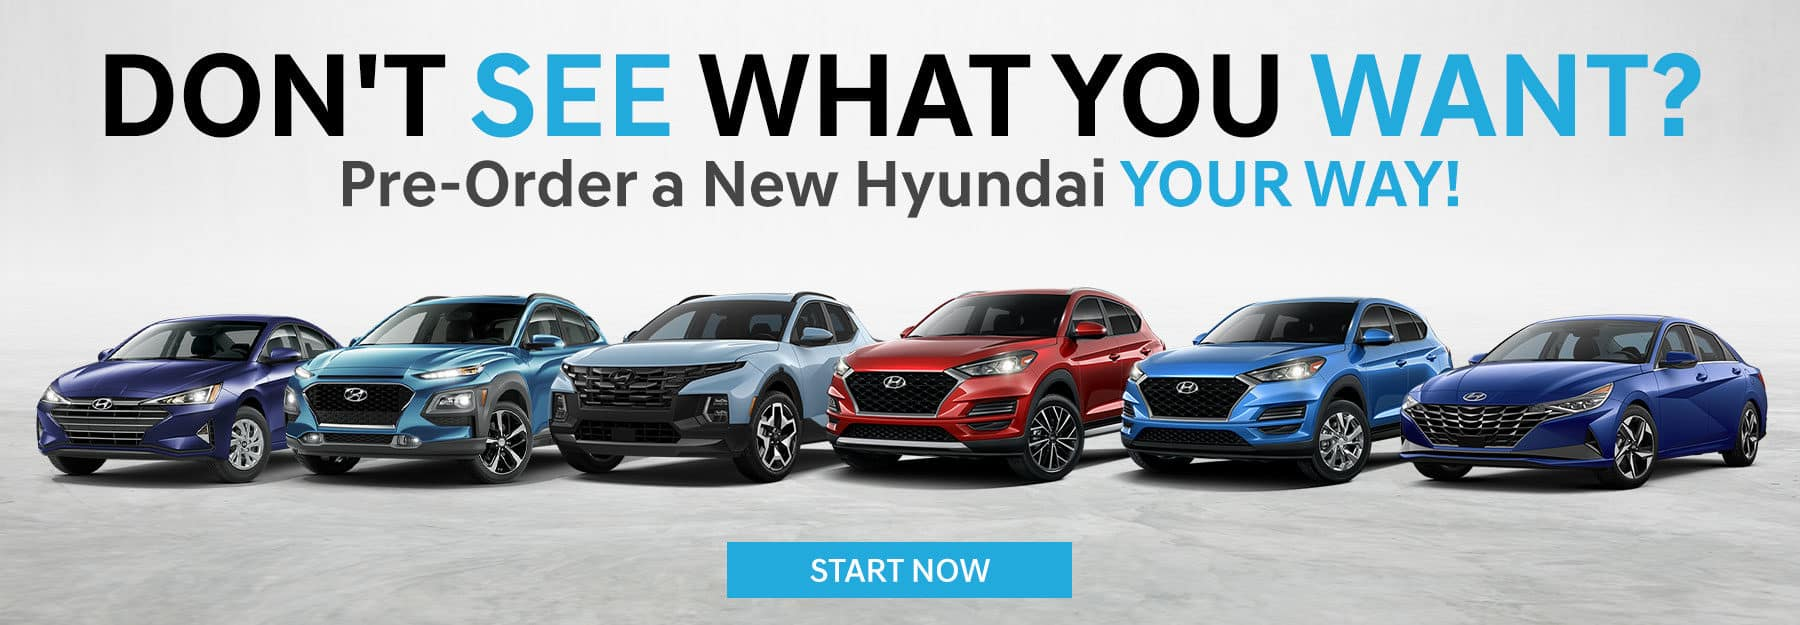 Pre-Order a New Hyundai in Greenville, TX